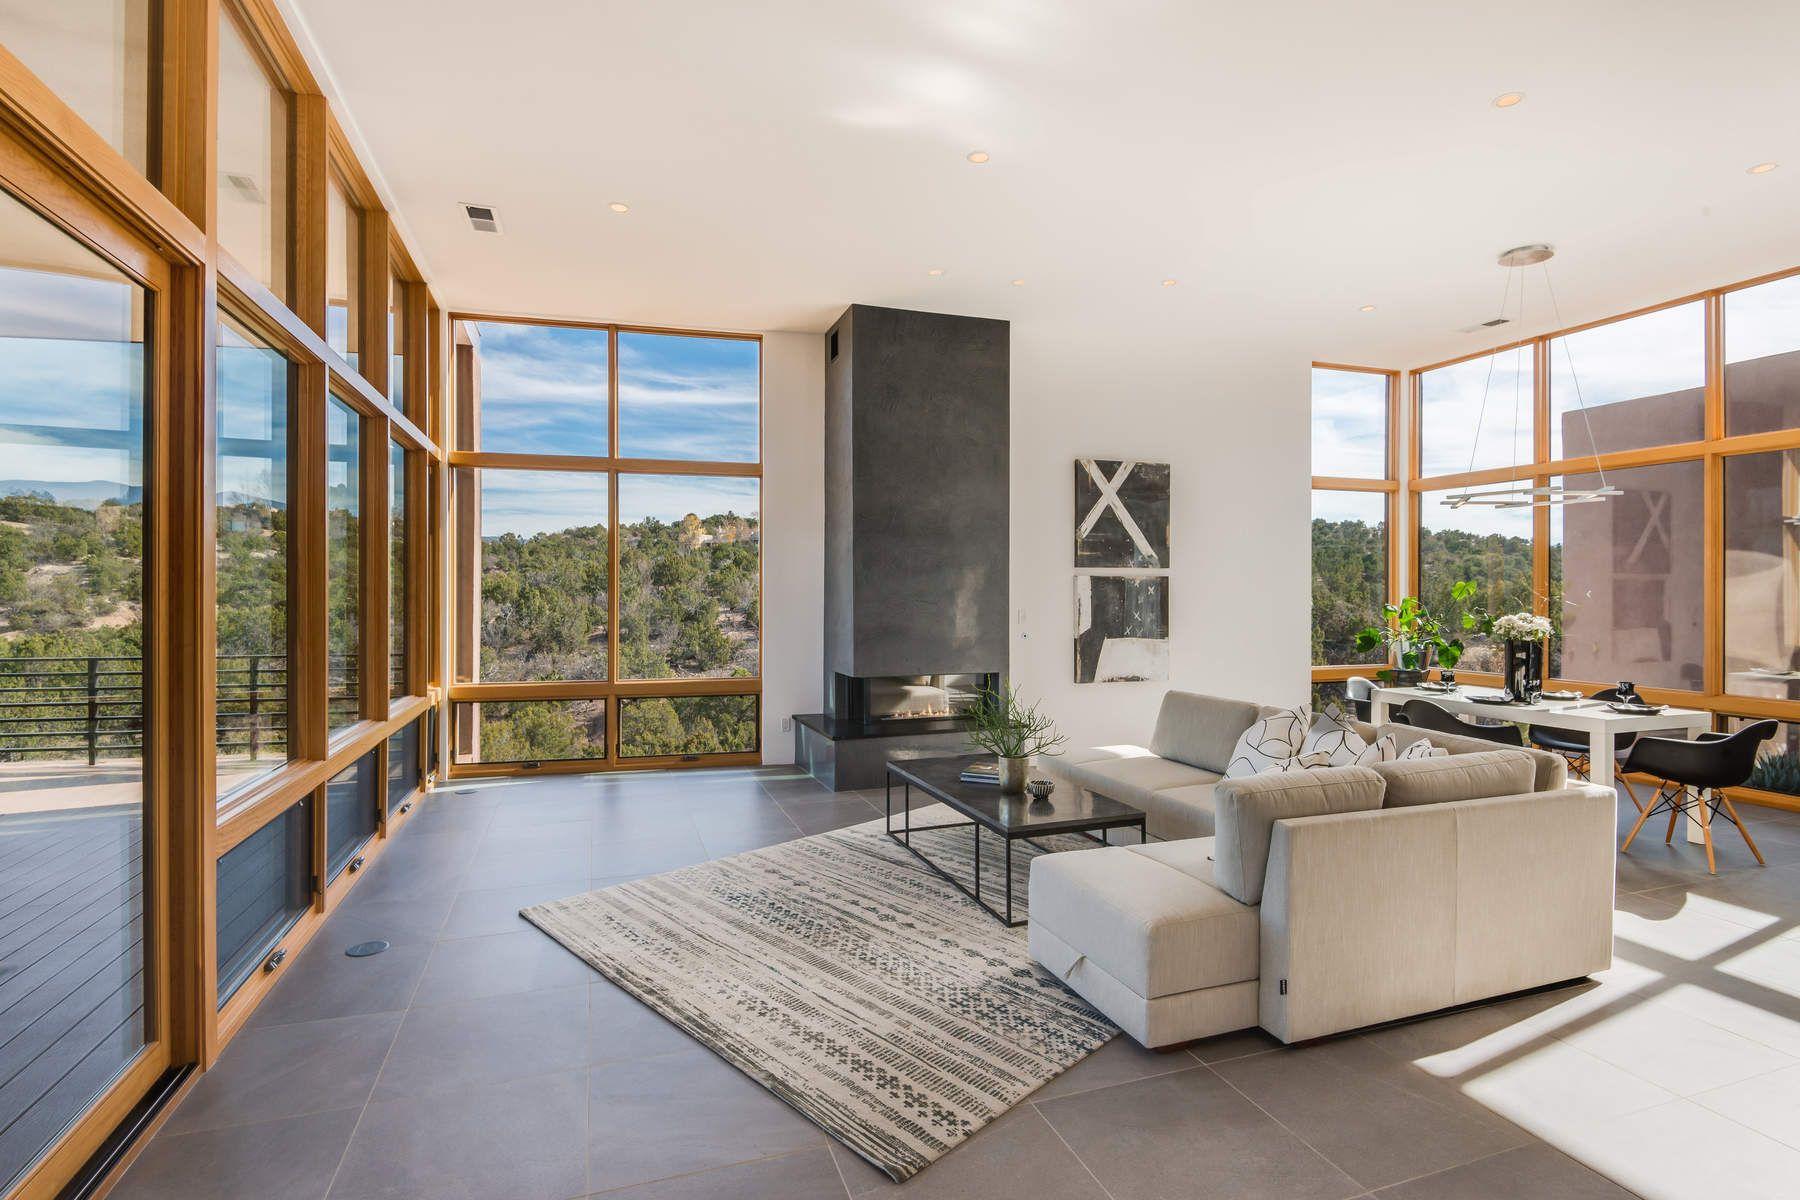 独户住宅 为 销售 在 87 Avenida De Las Casas 圣达非, 新墨西哥州, 87506 美国